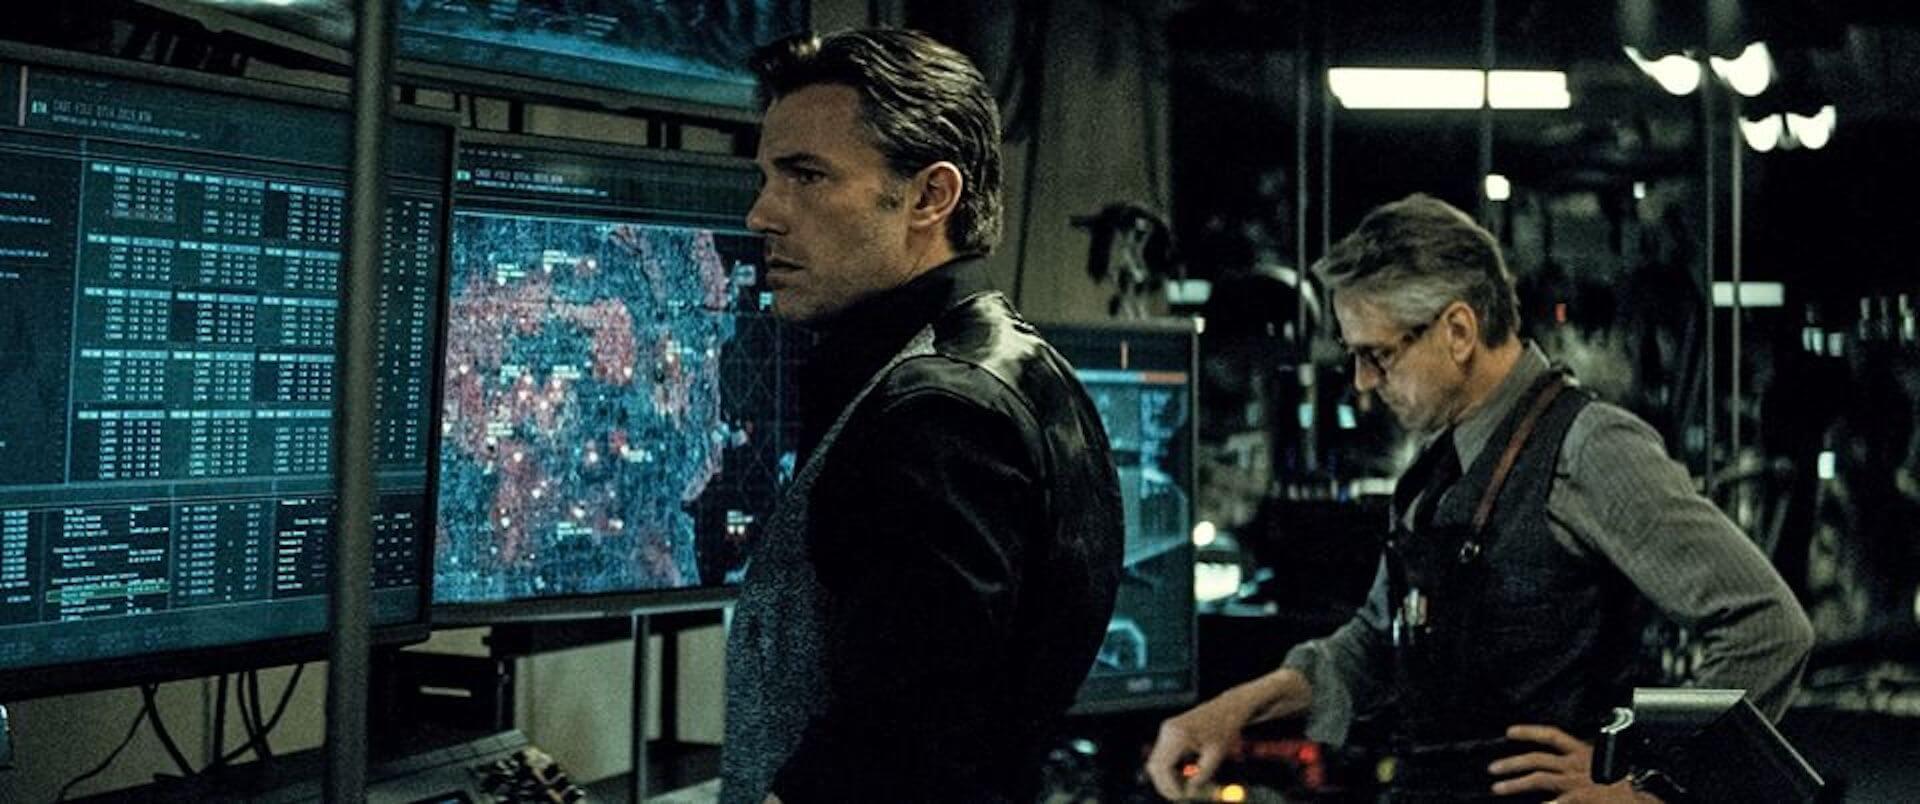 """『ジャスティス・リーグ』バットマンを演じたベン・アフレックが新作映画を降板した理由は""""死んでしまう""""ほどのアルコール依存だった? film200219_batman_benaffleck_1"""